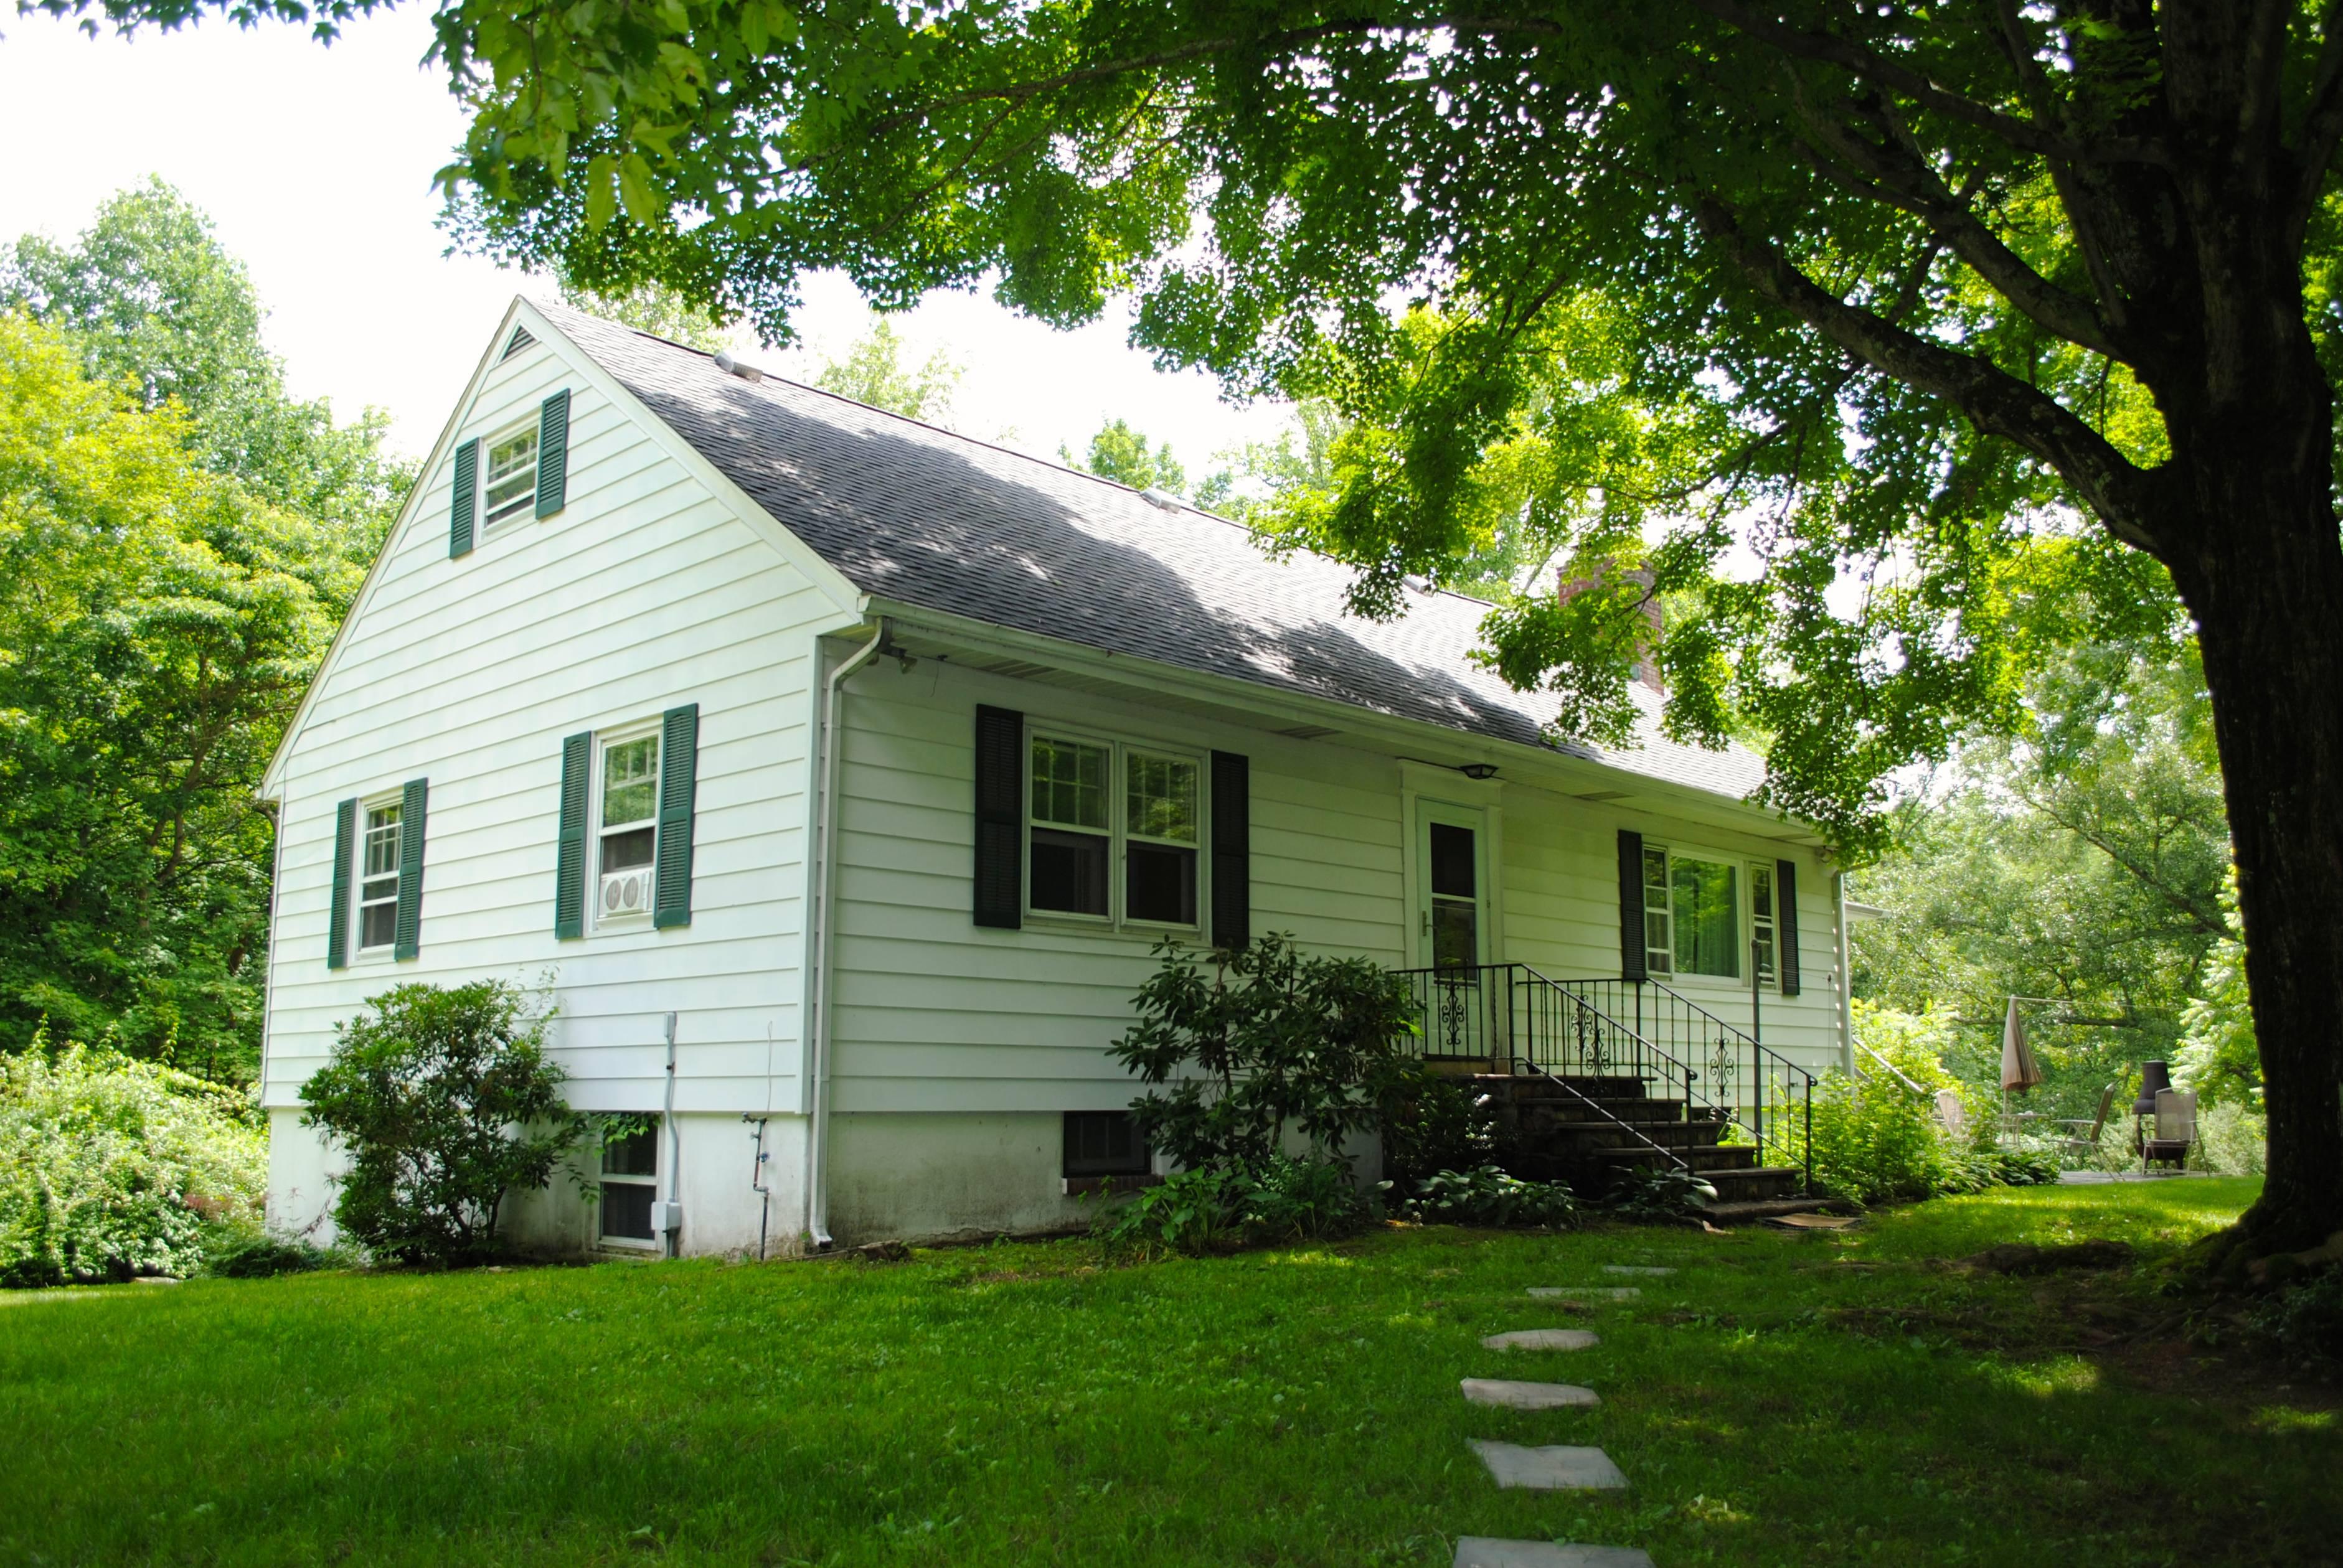 独户住宅 为 销售 在 Country Charmer 36 Seifert Lane Putnam Valley, 纽约州 10579 美国